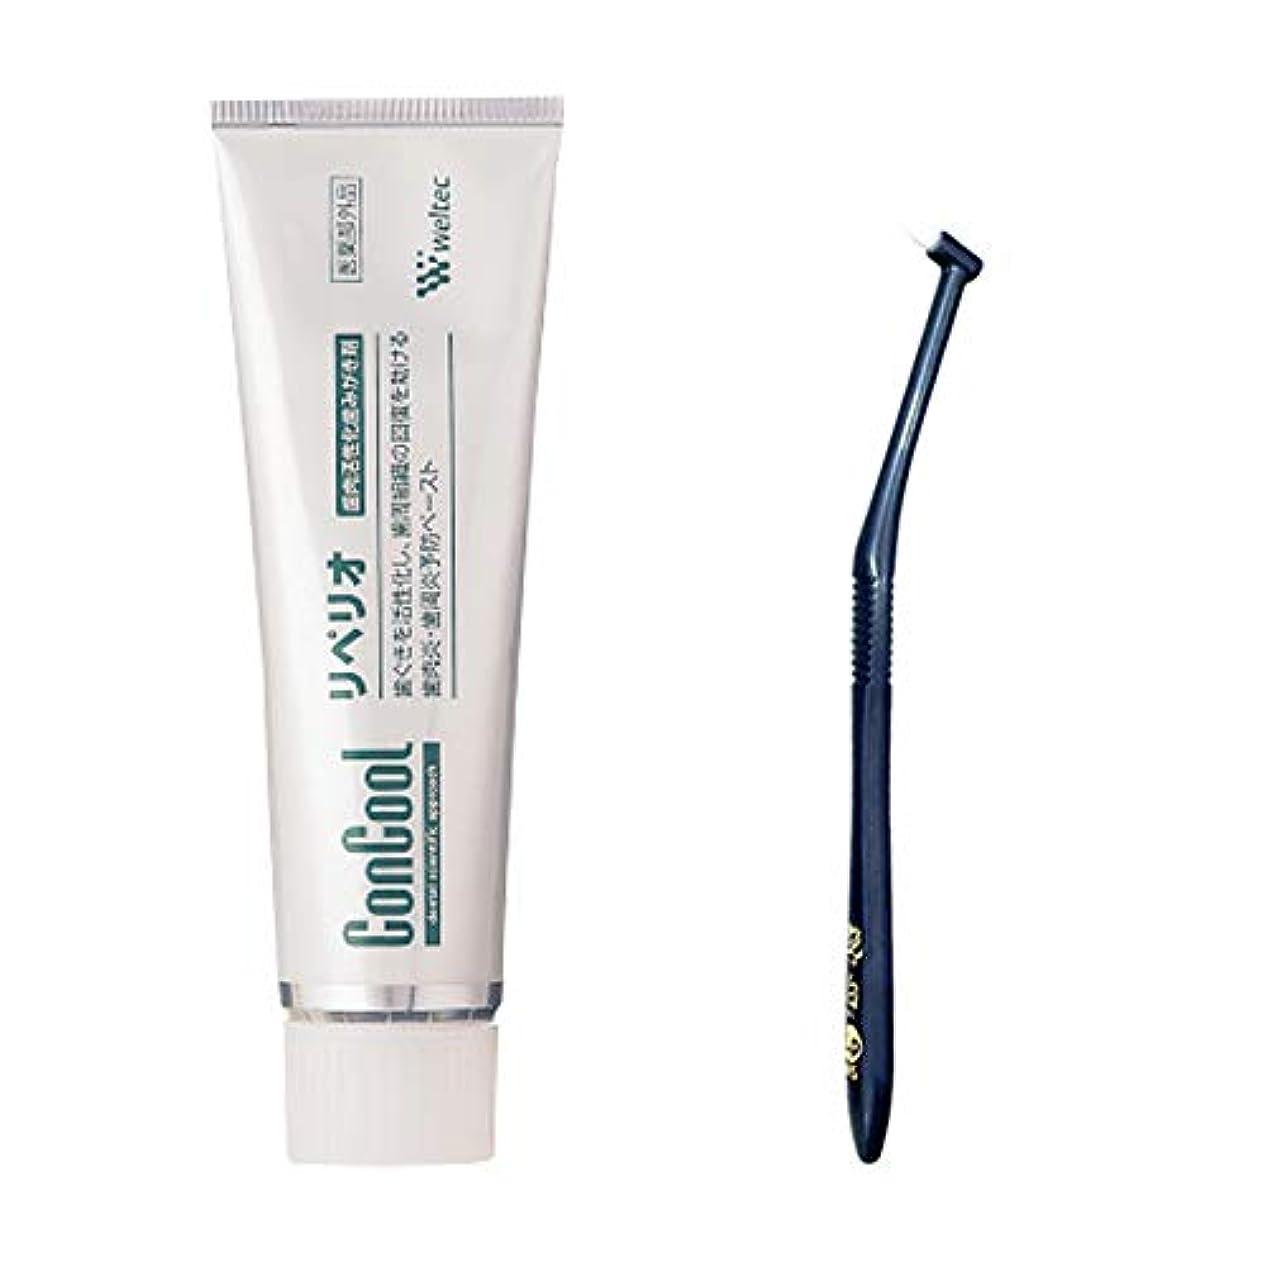 分割他に今コンクール リペリオ 80g×1本 + 艶白(つやはく) ワンタフト 歯ブラシ ×1本 MS(やややわらかめ) 歯周病予防 歯科医院取扱品